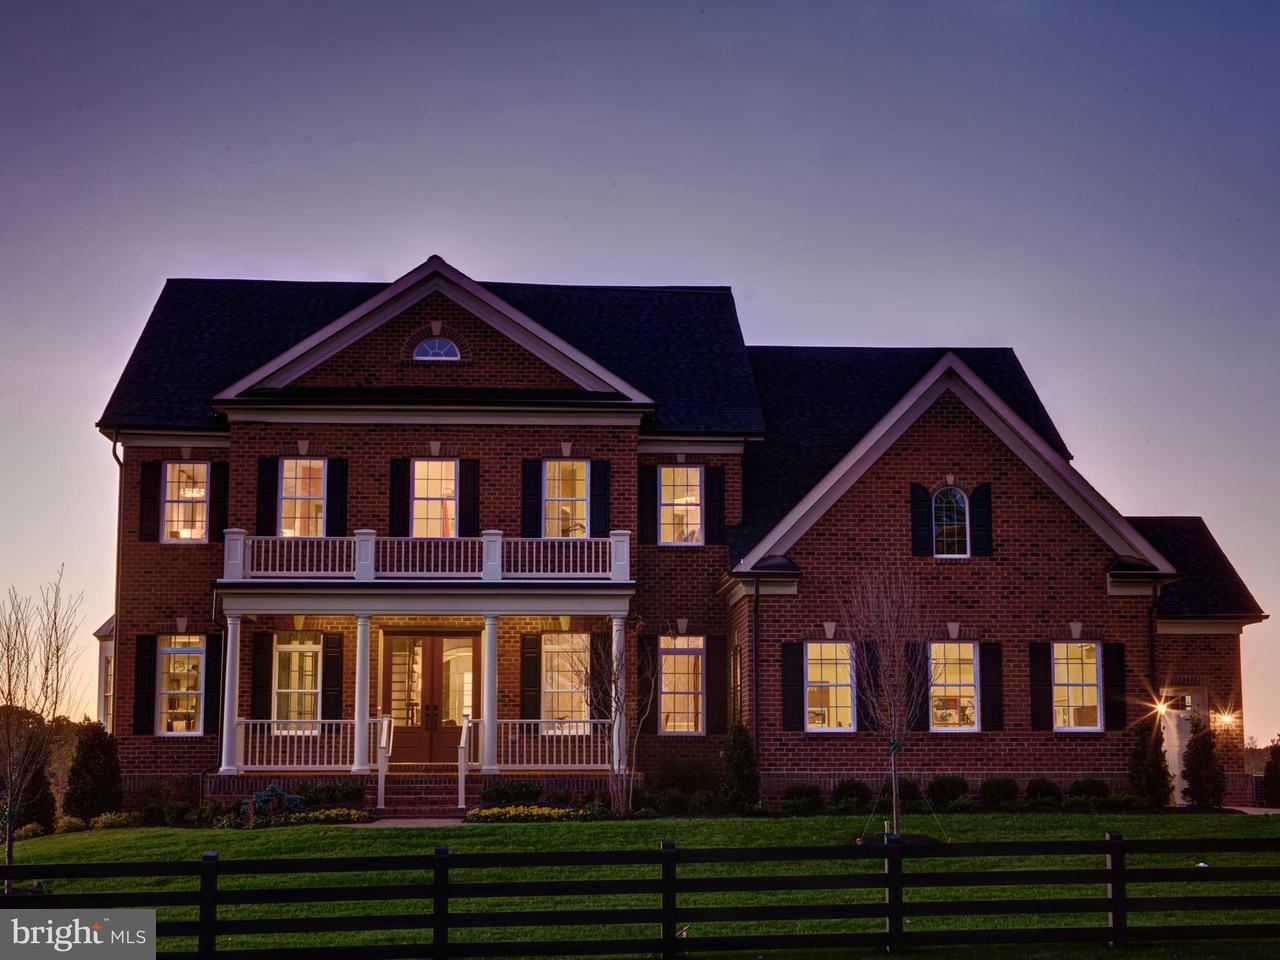 独户住宅 为 销售 在 25375 Lynwood Farm Court 25375 Lynwood Farm Court Clarksburg, 马里兰州 20871 美国